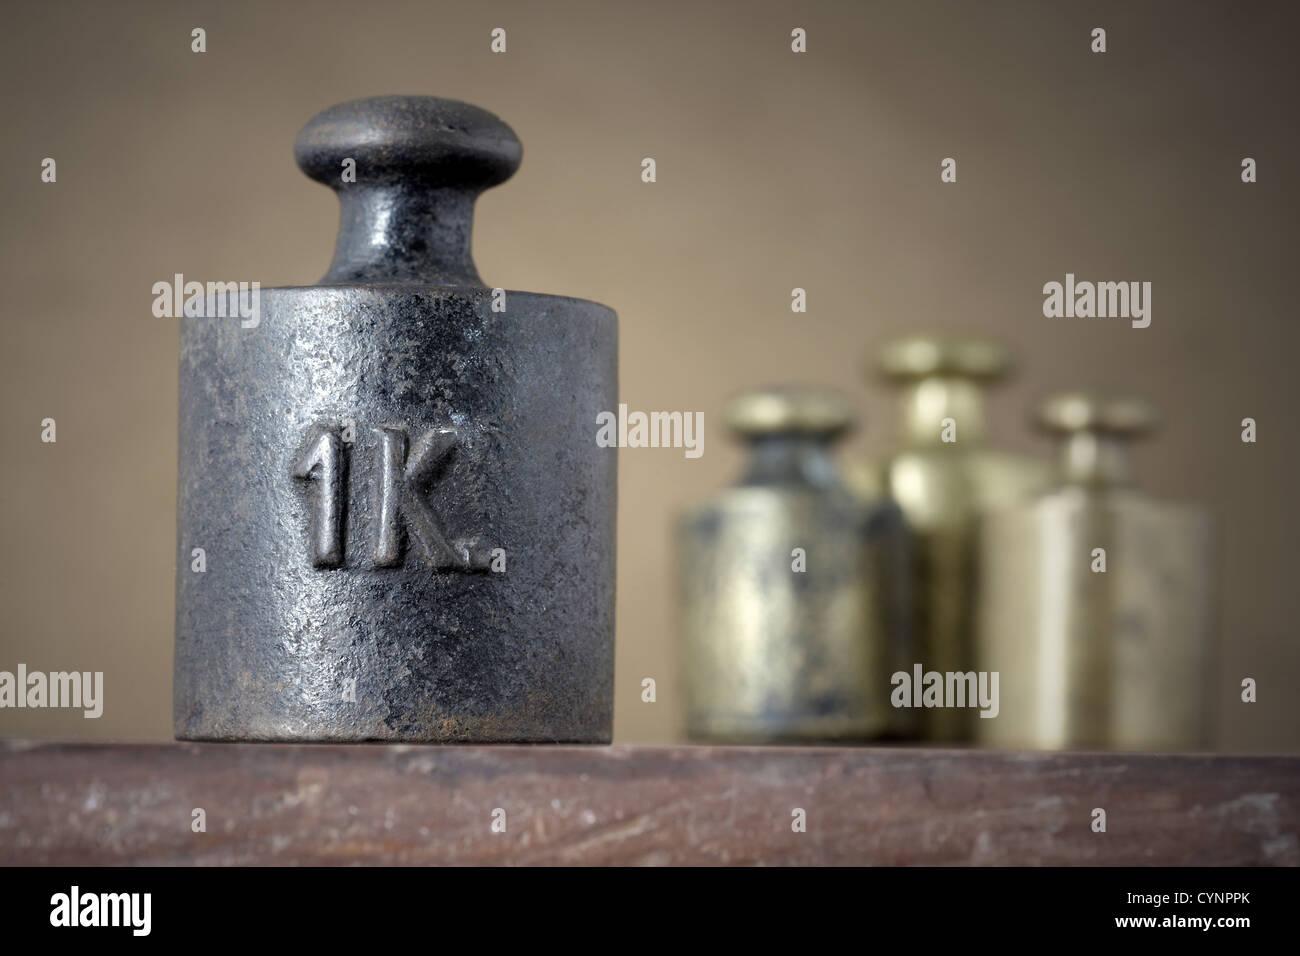 Vintage 1 kilogramo de peso de hierro de calibración Imagen De Stock